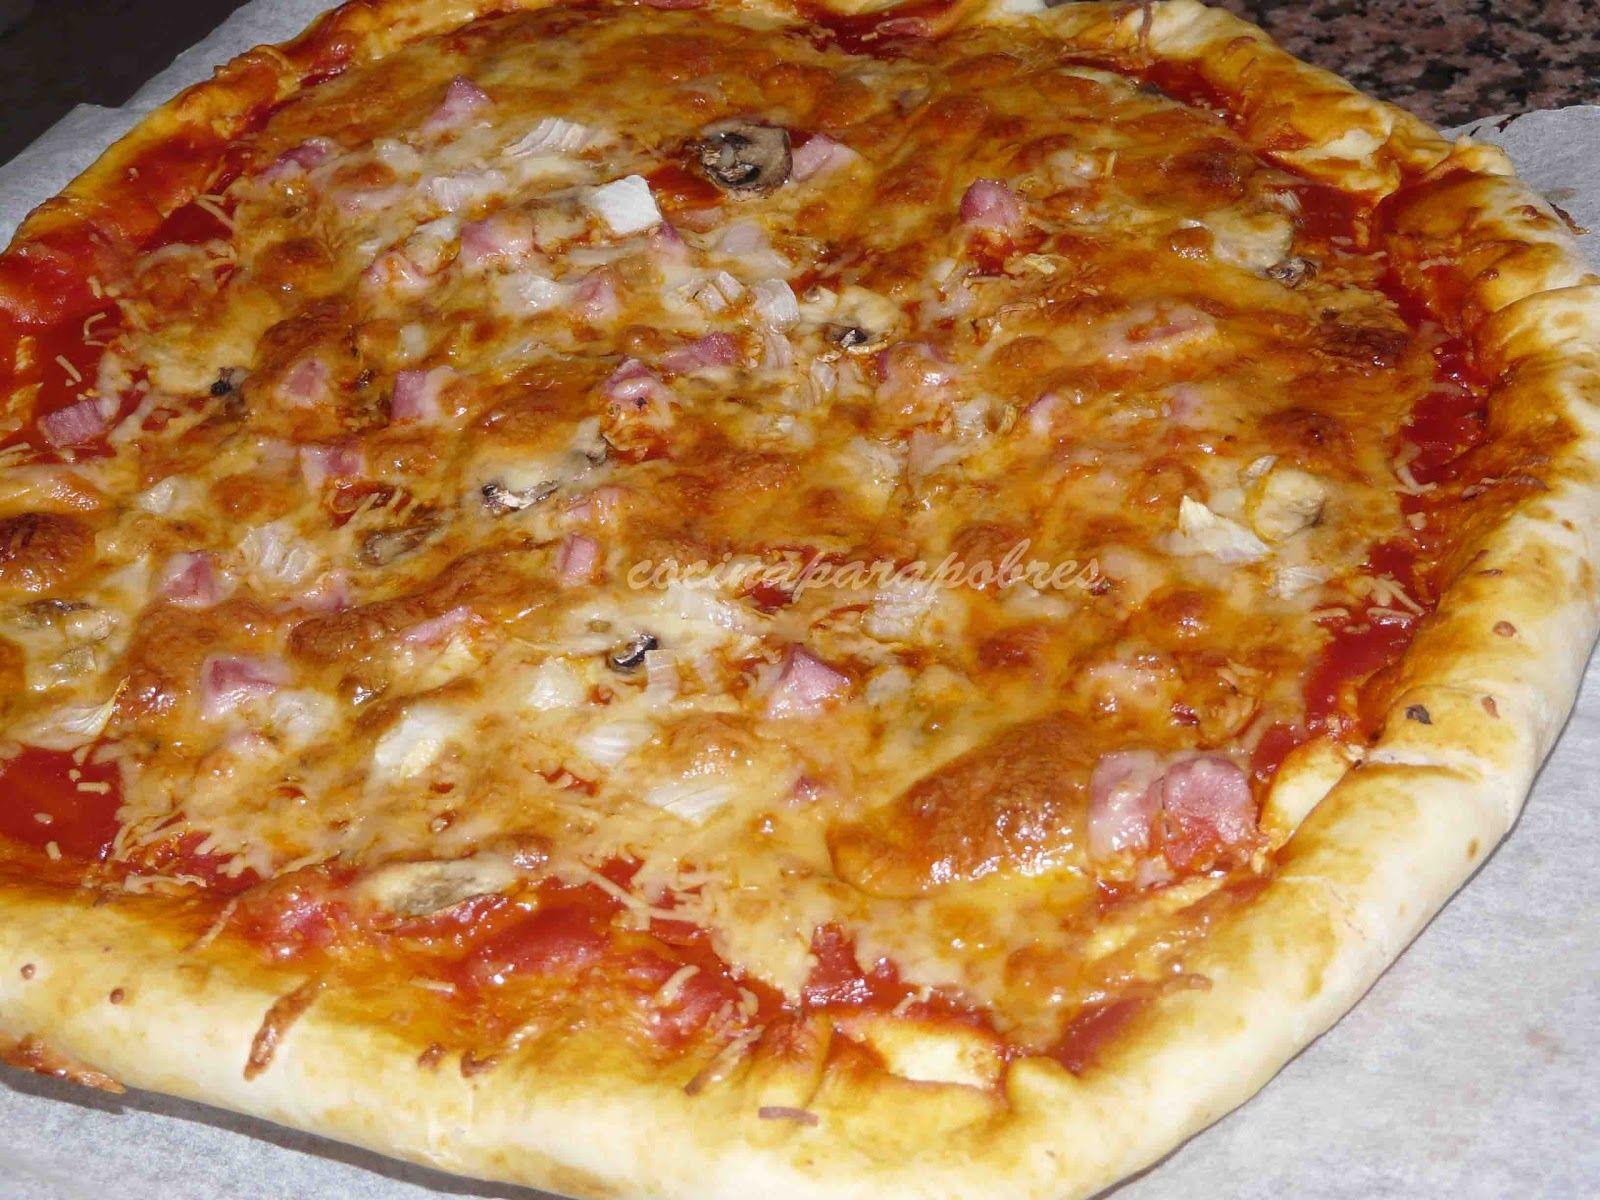 Blog dedicado al a gastronomía, espacio para ir agrupando mis recetas del día a día, comida casera, sencilla y rica.